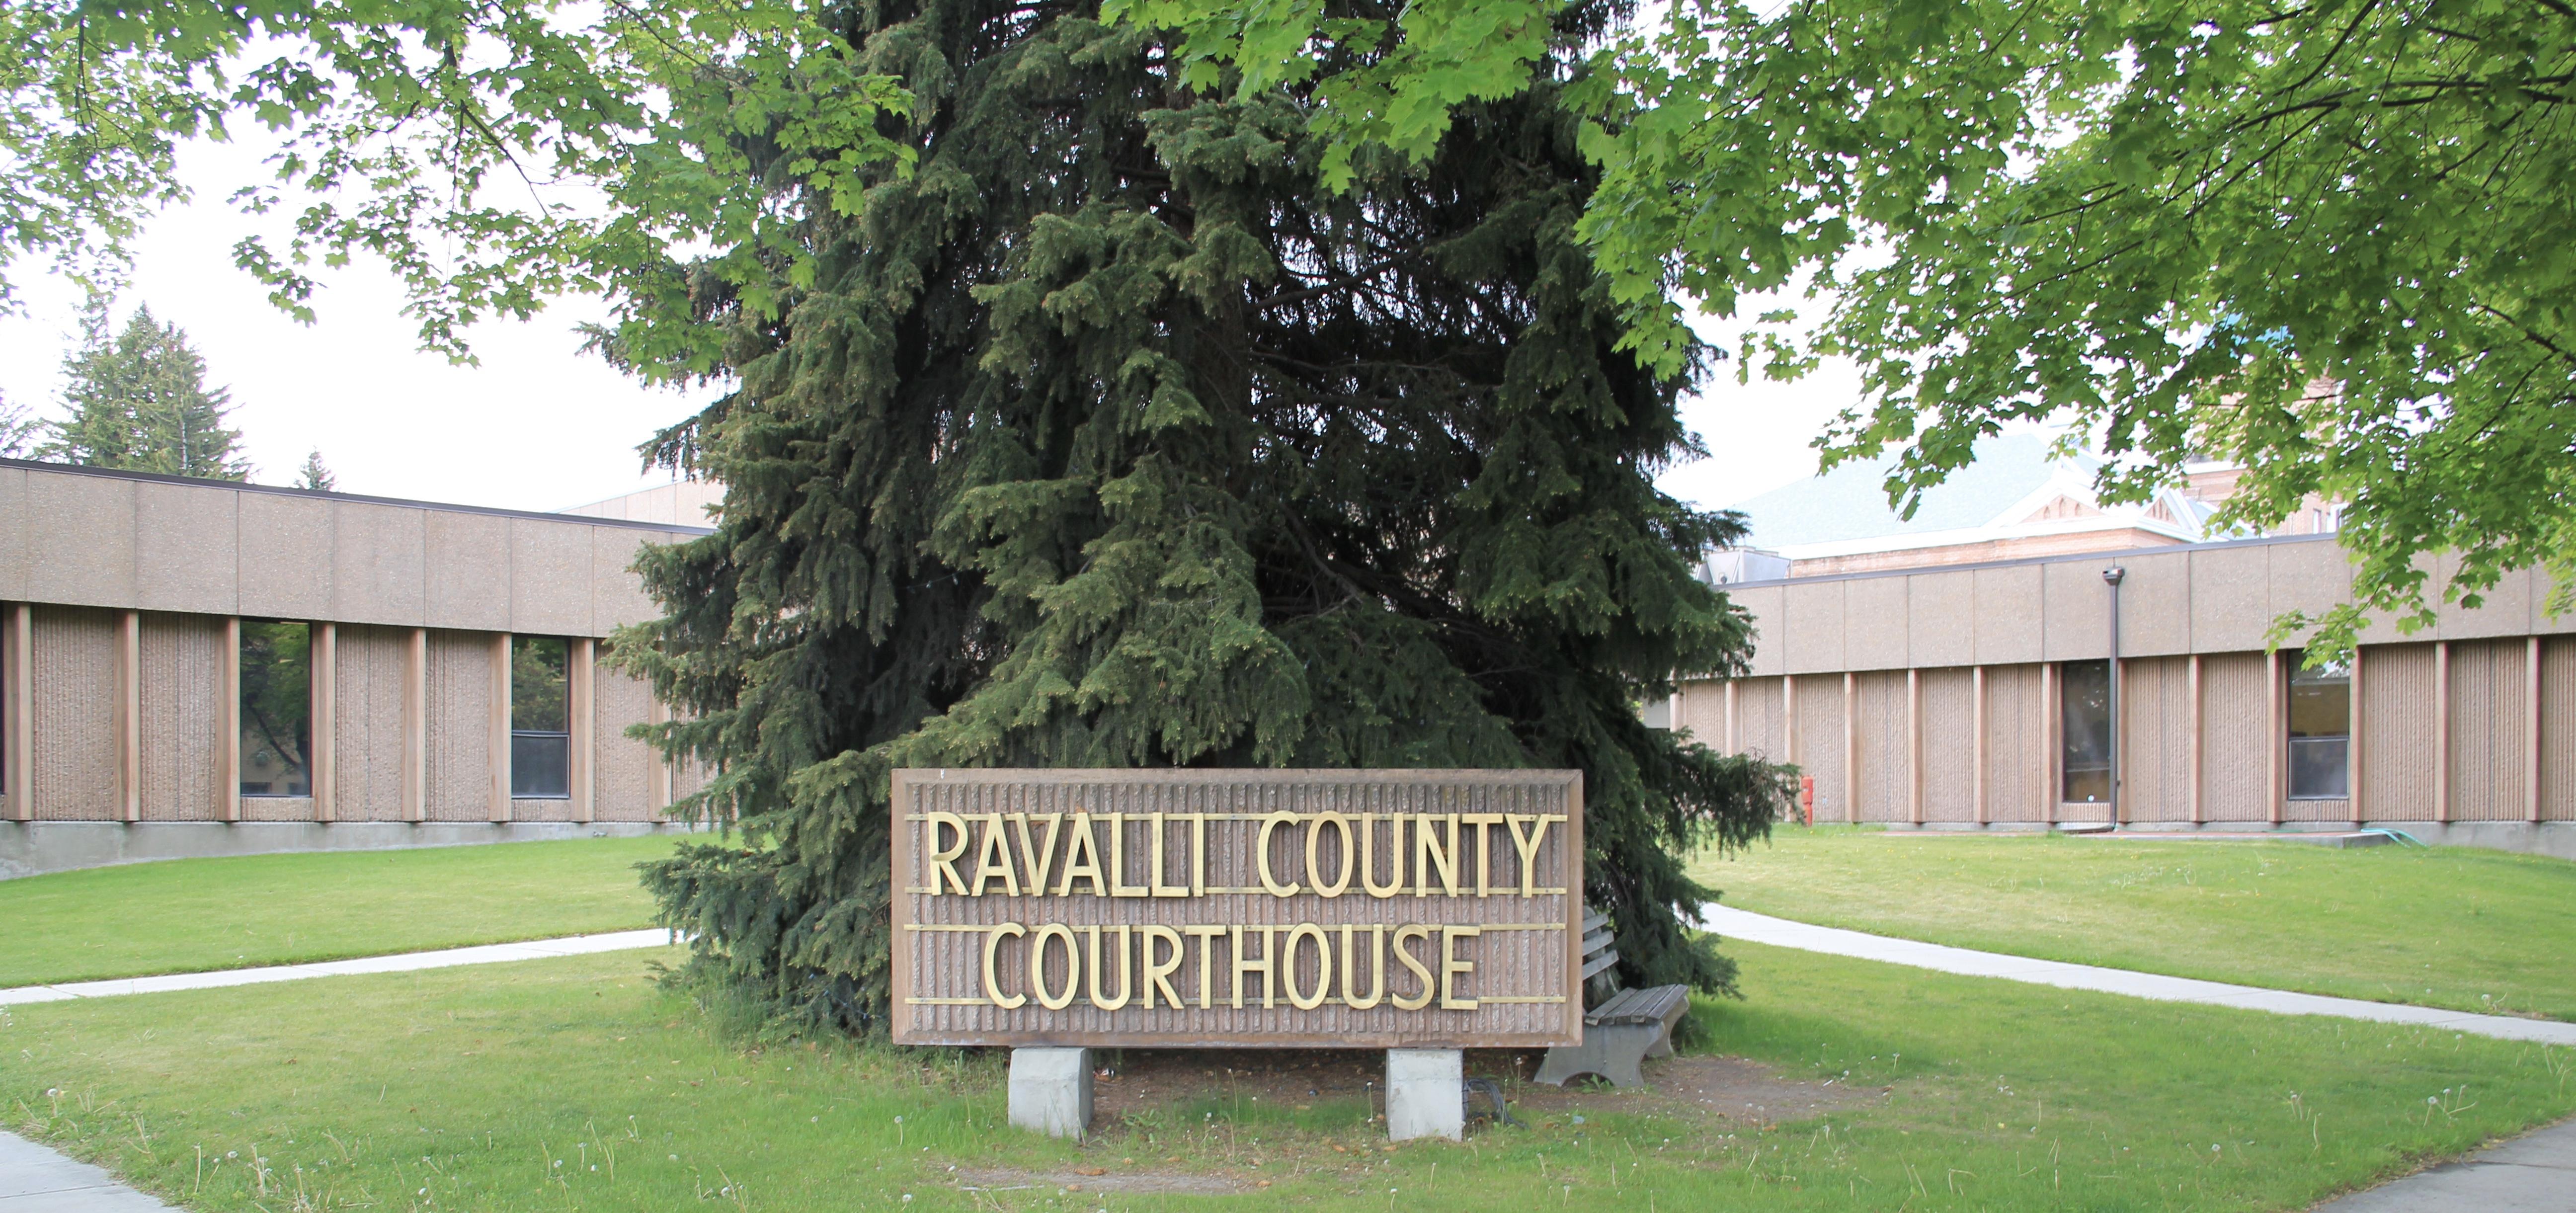 Ravalli County Courthouse (1976)